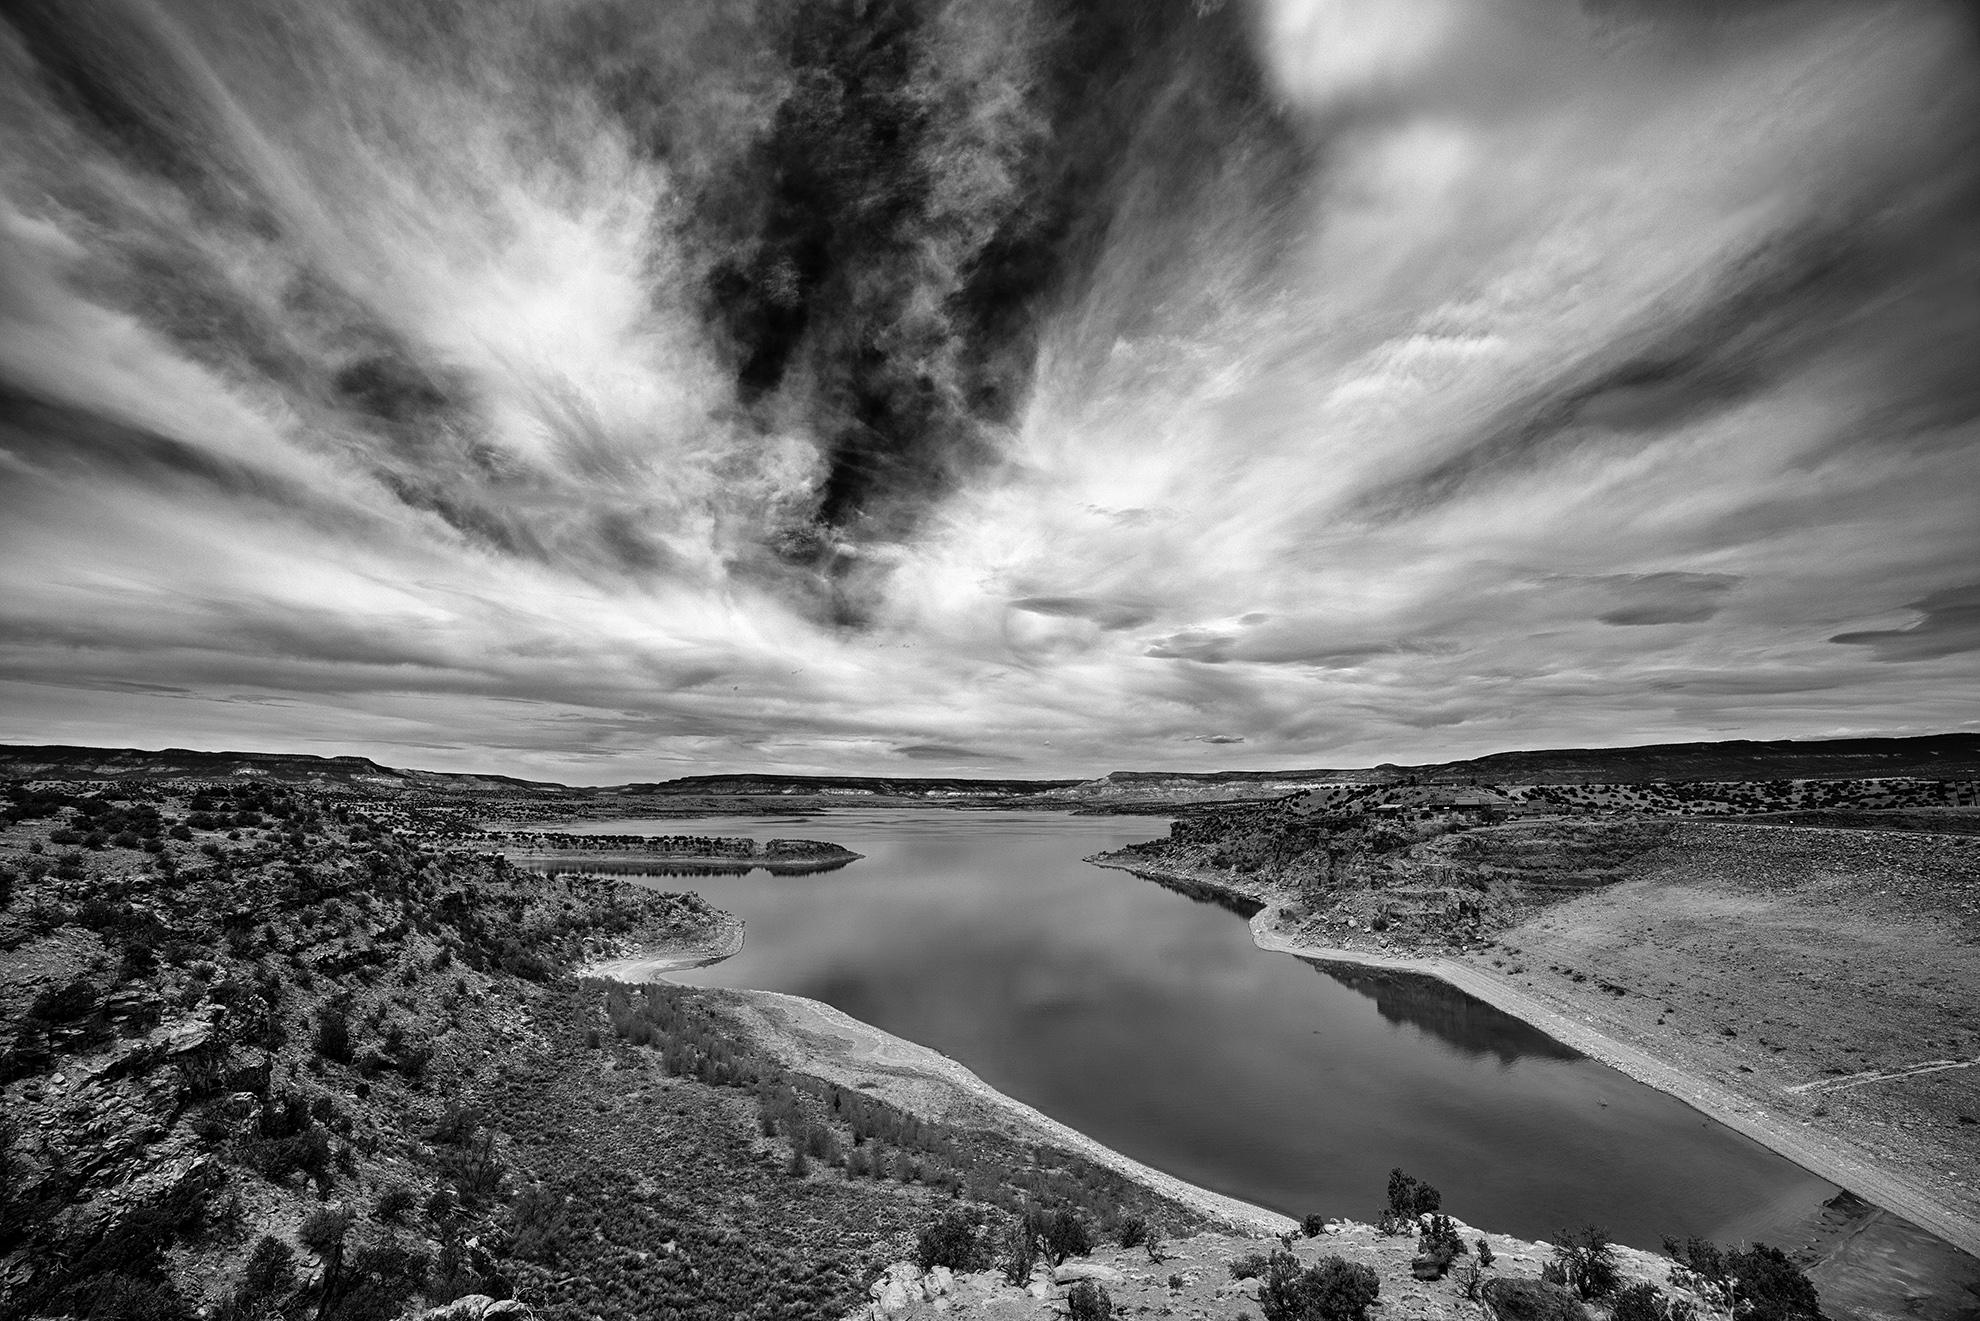 Abiquiu lake, NM